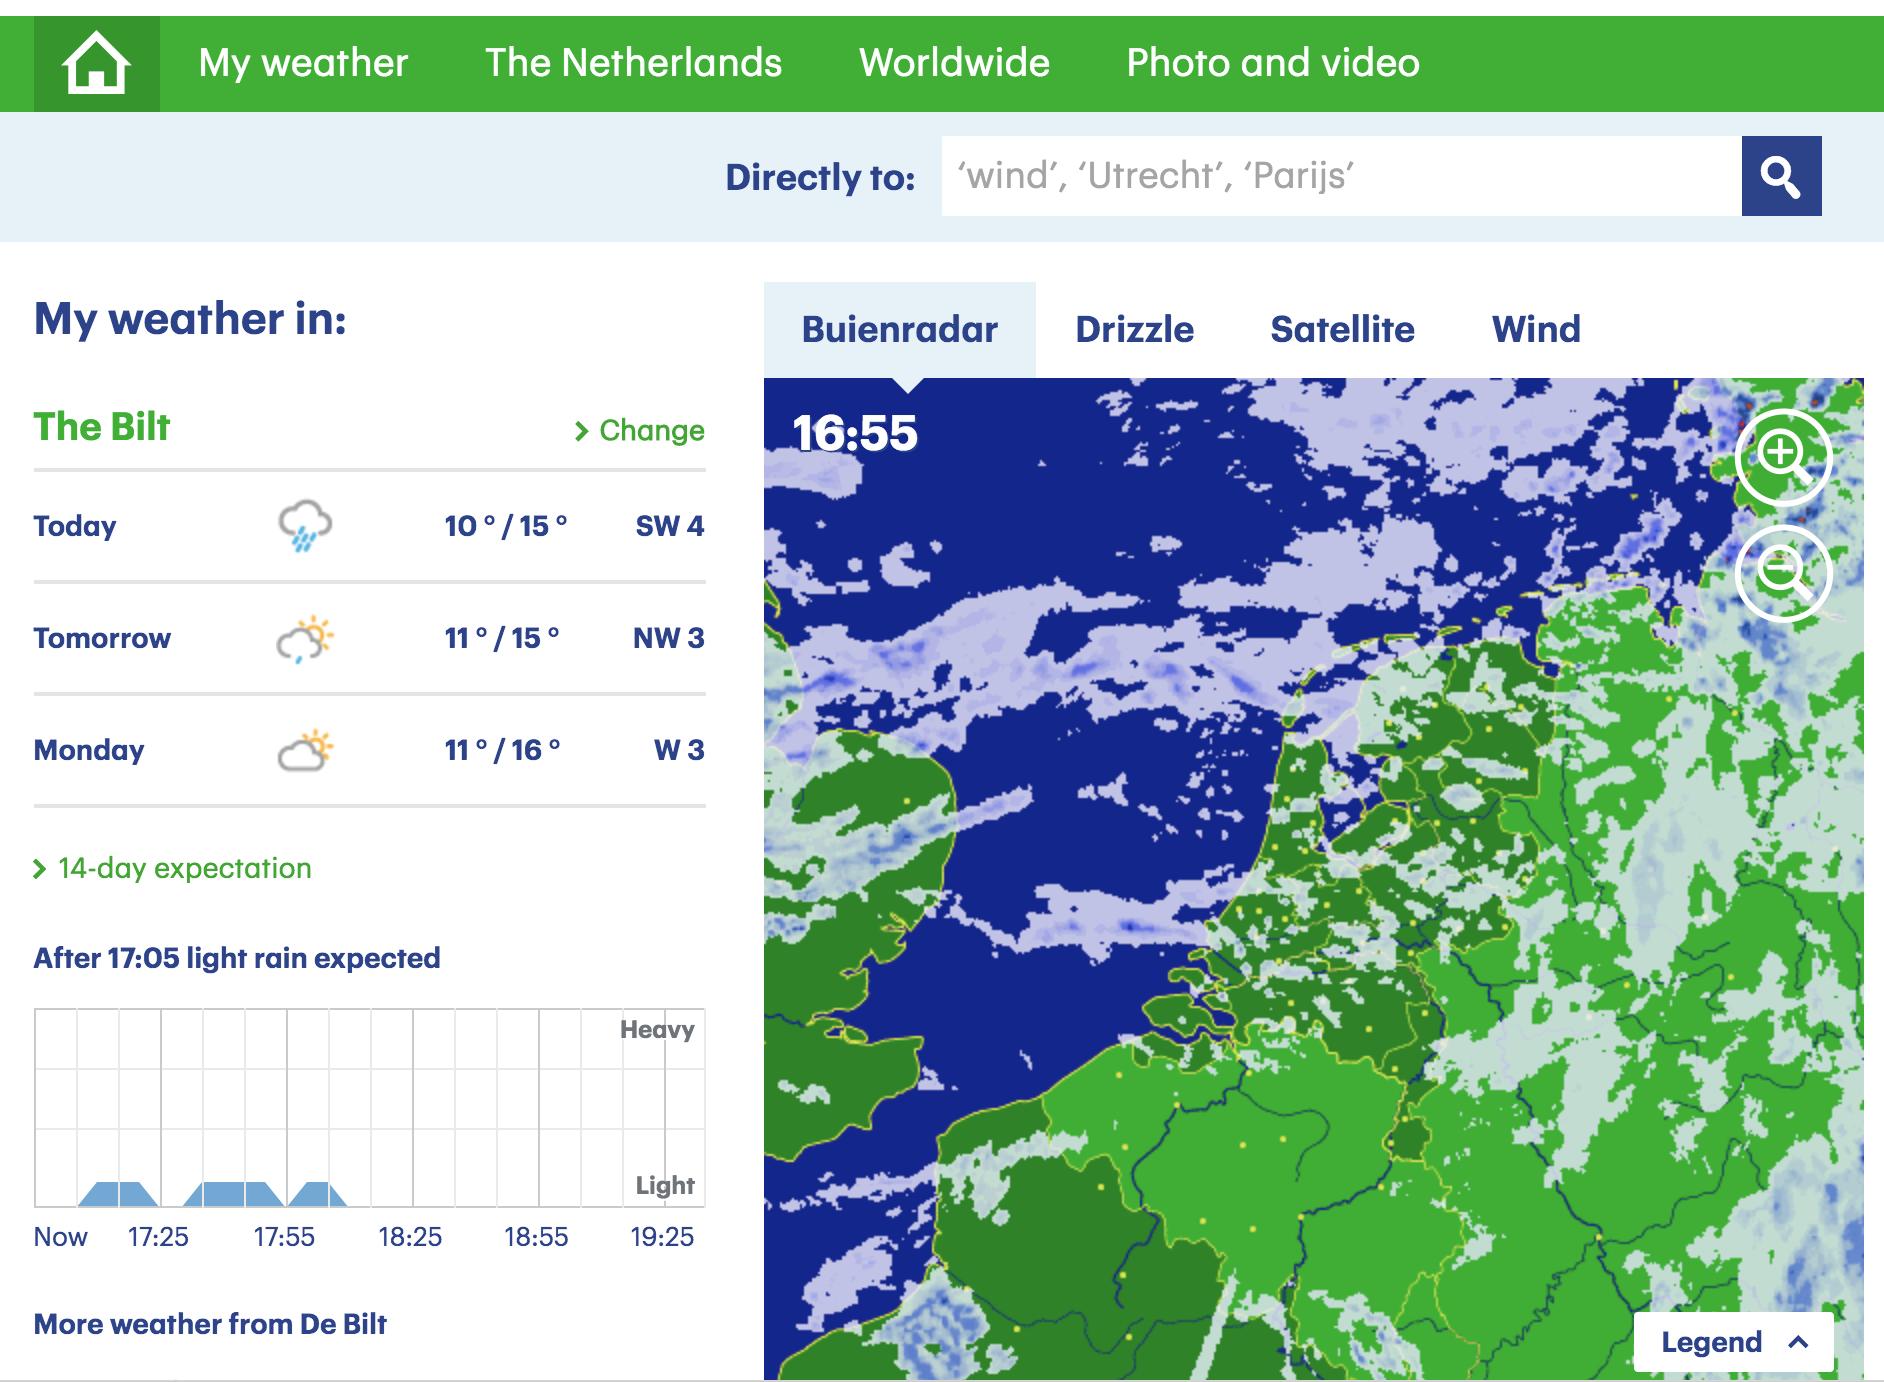 변덕스러운 네덜란드 날씨 예측앱, Buienradar